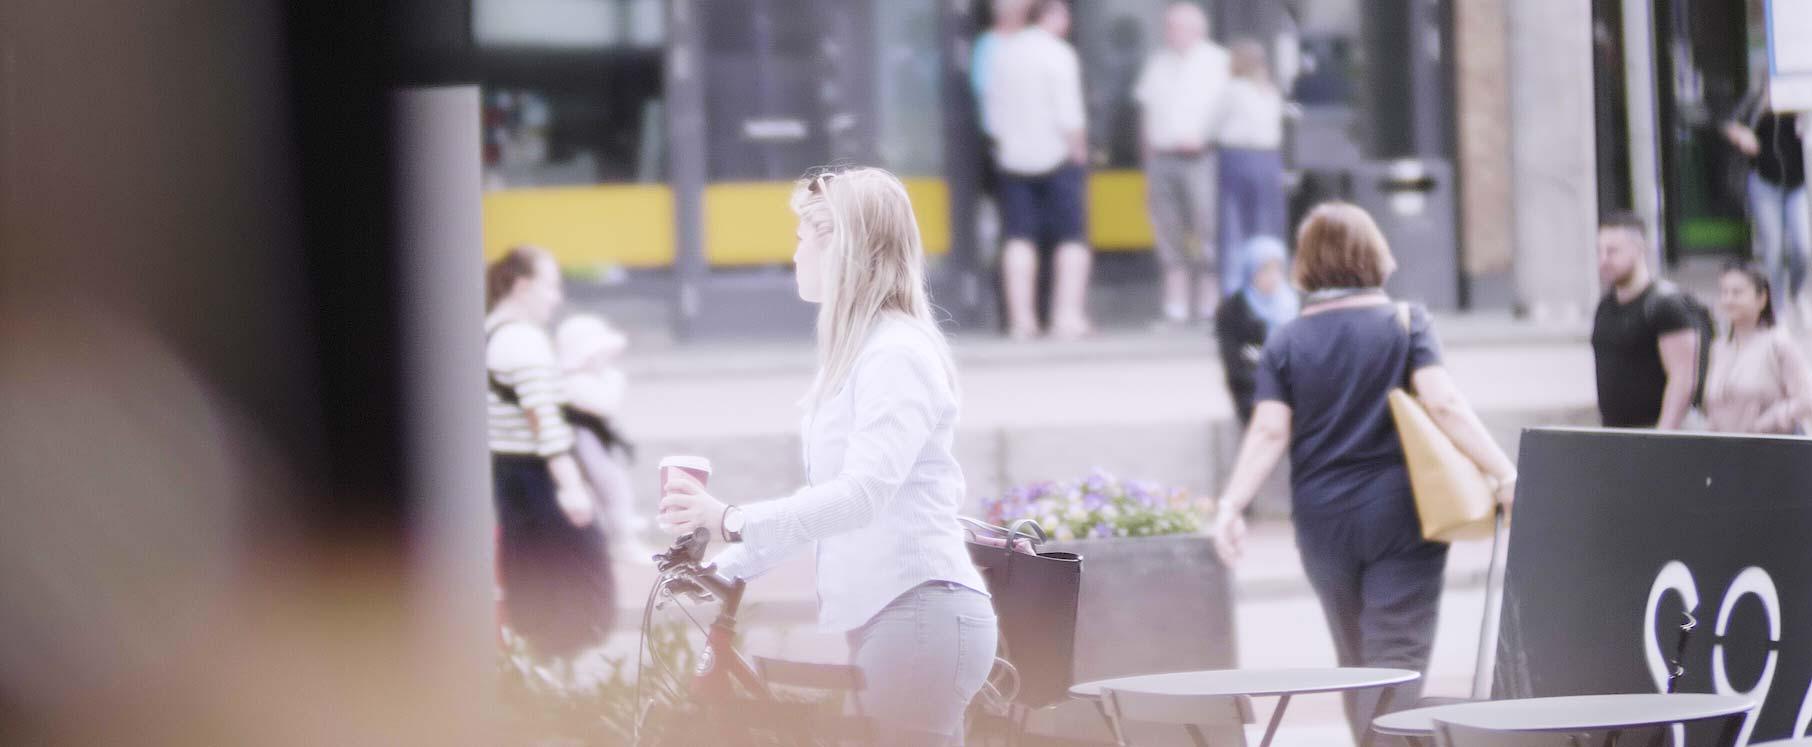 jente-med-sykkel-kroppet2